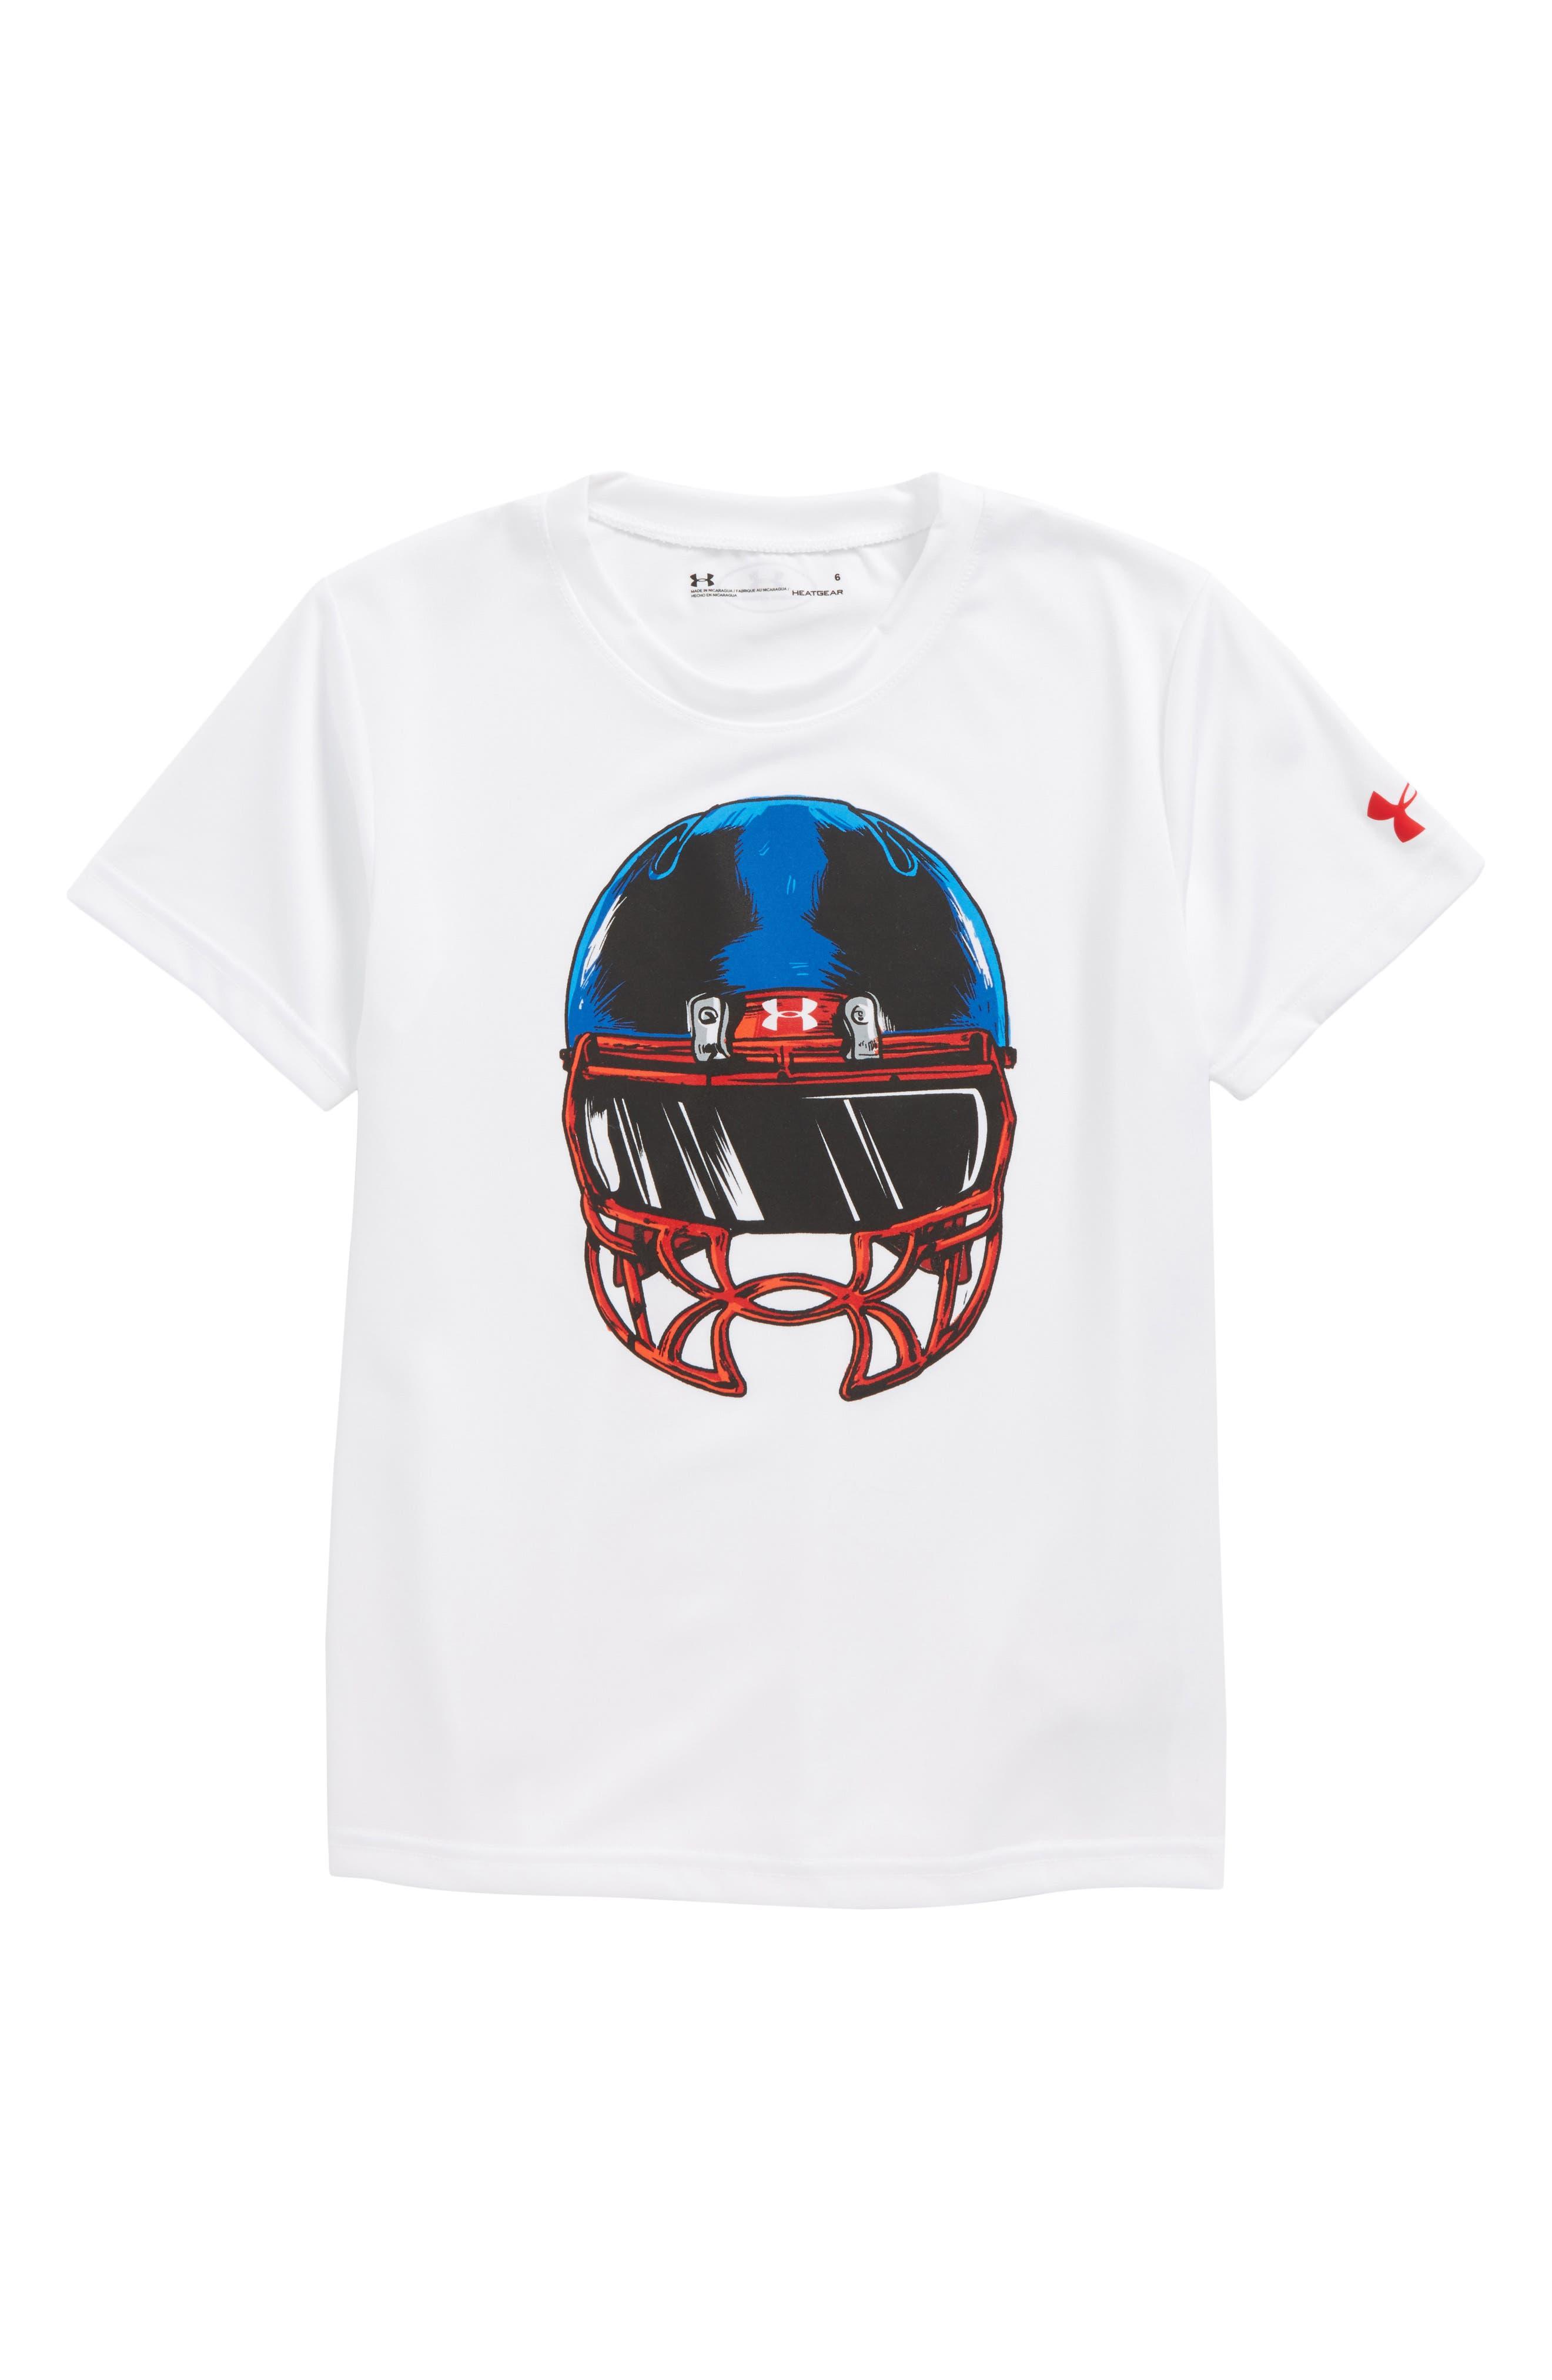 Under Armour Football Facemask HeatGear® T-Shirt (Toddler Boys & Little Boys)